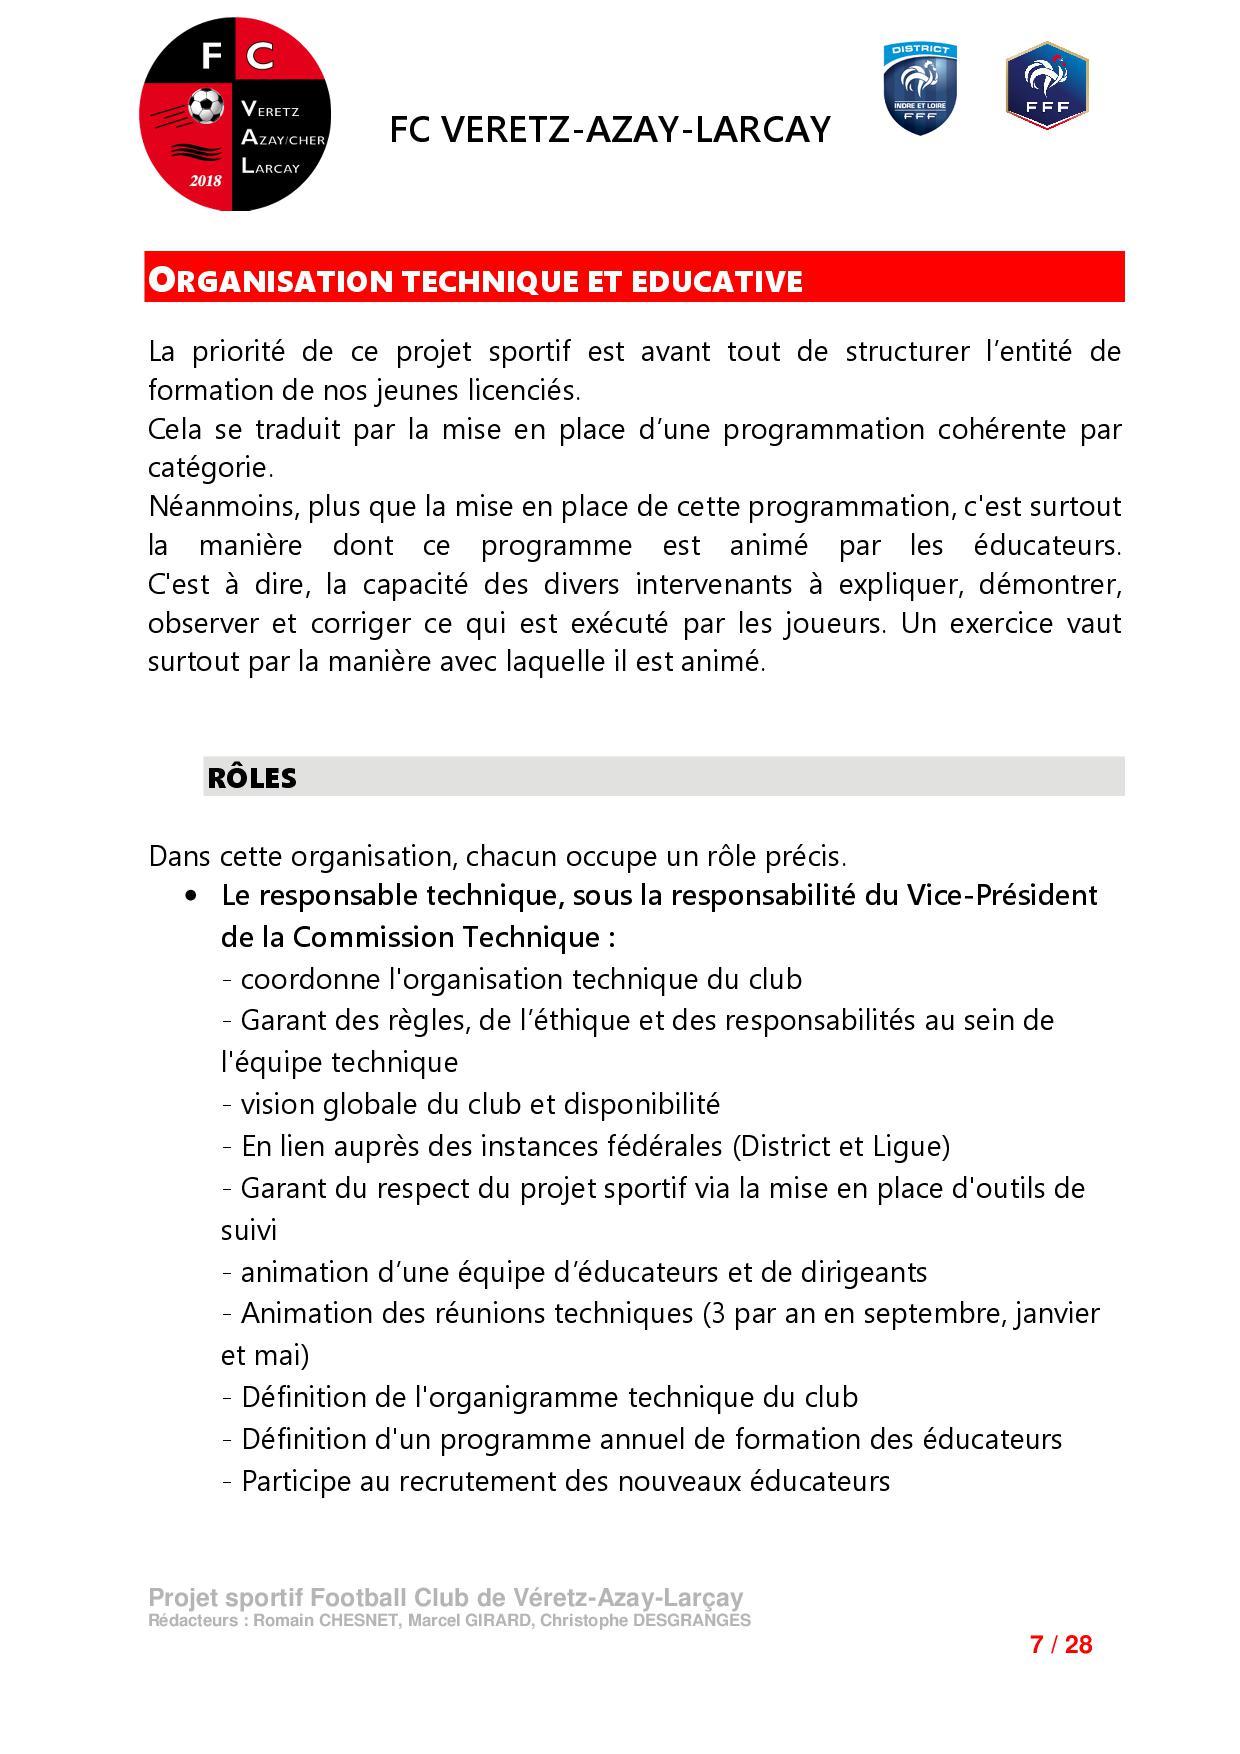 projet_sportif_2017-202007.jpg